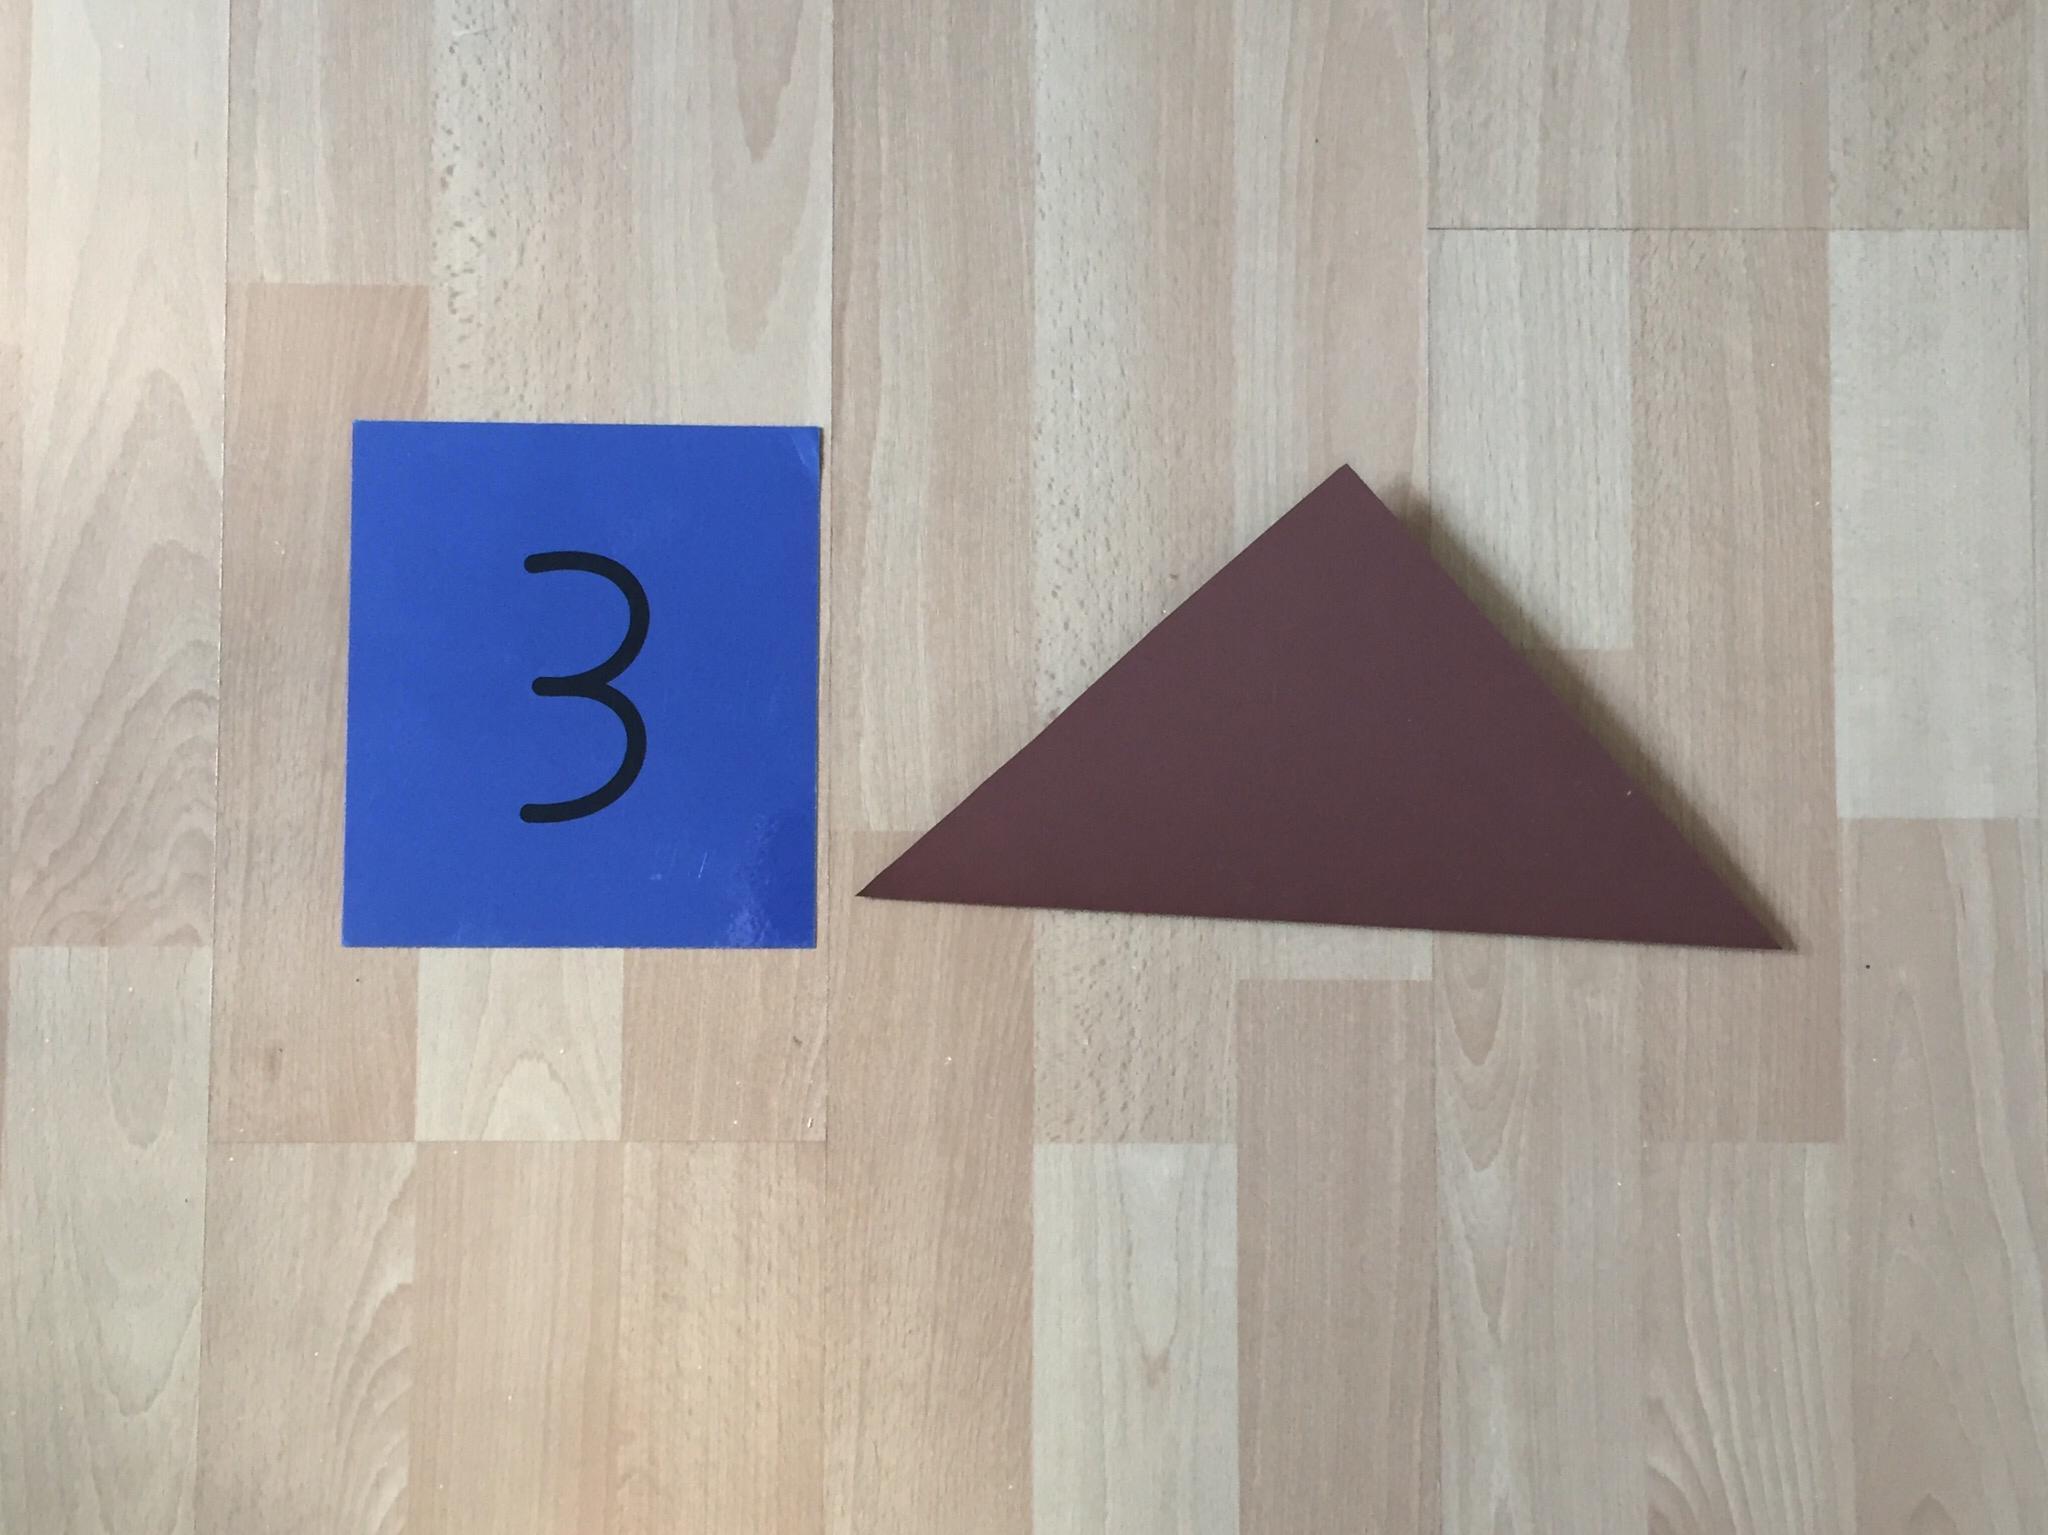 Jetzt hast du ein Quadrat, welches zu einem Dreieck gefaltet wird.